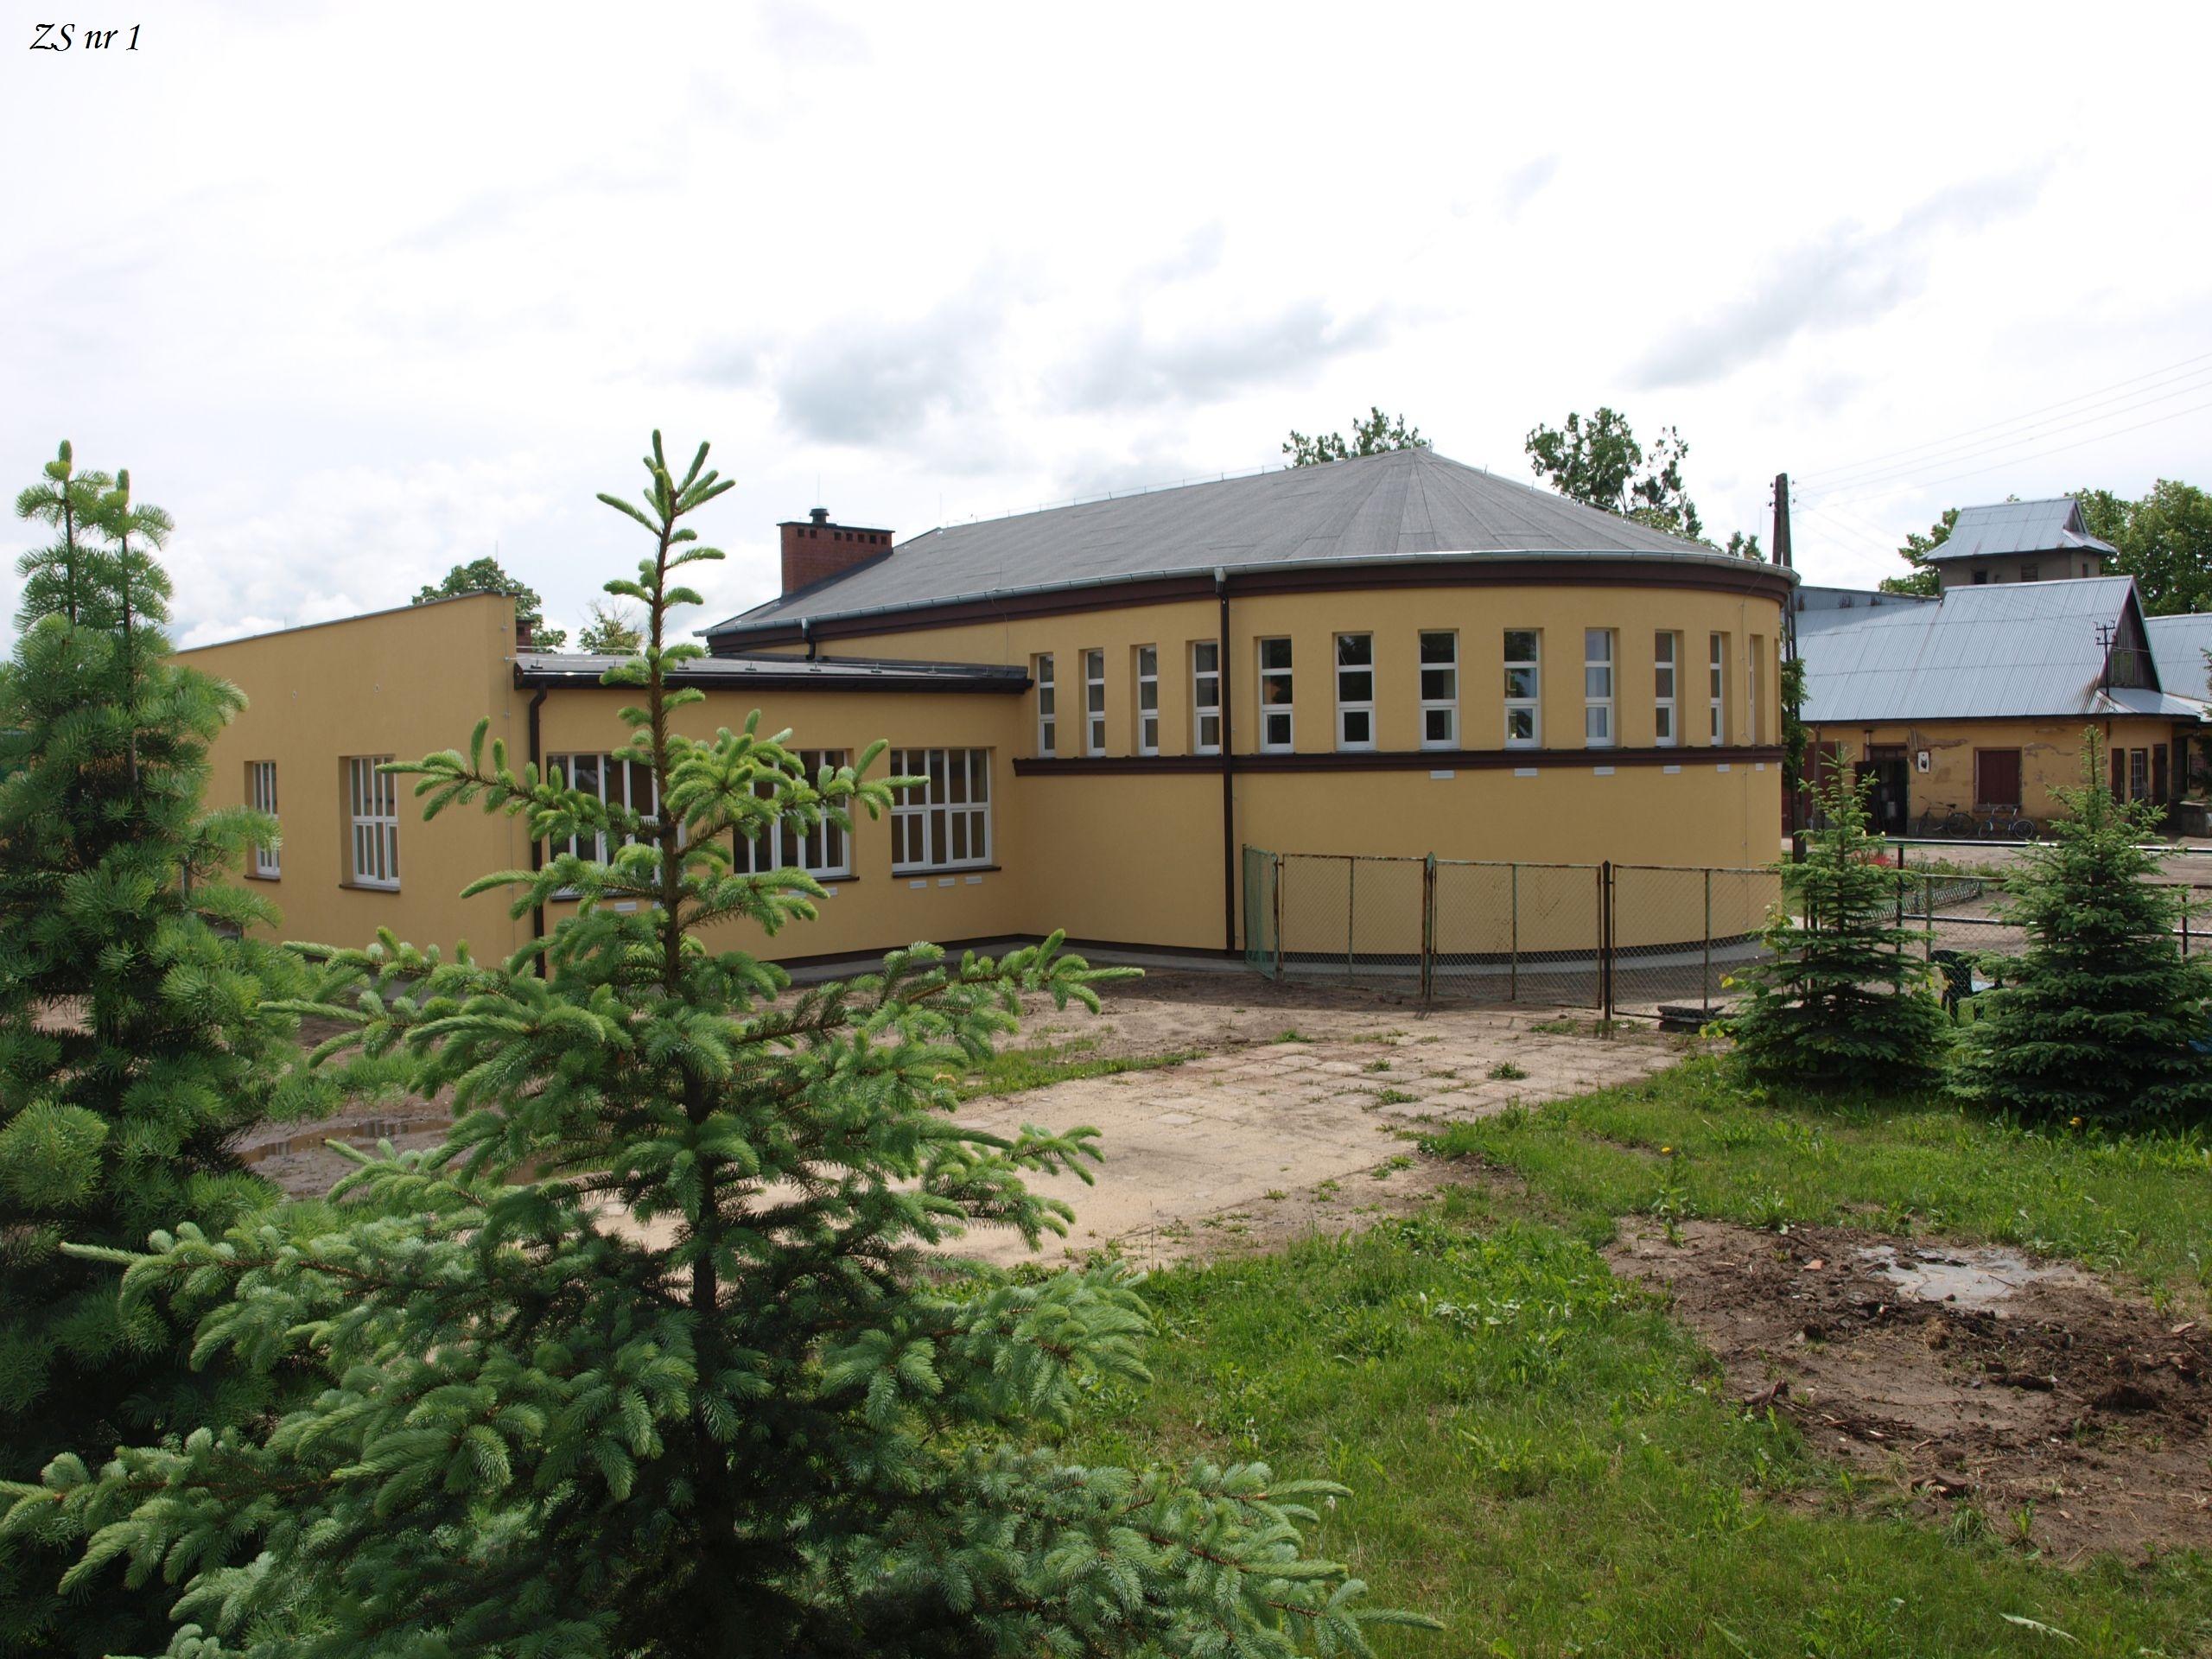 Liskow_szkoly-20